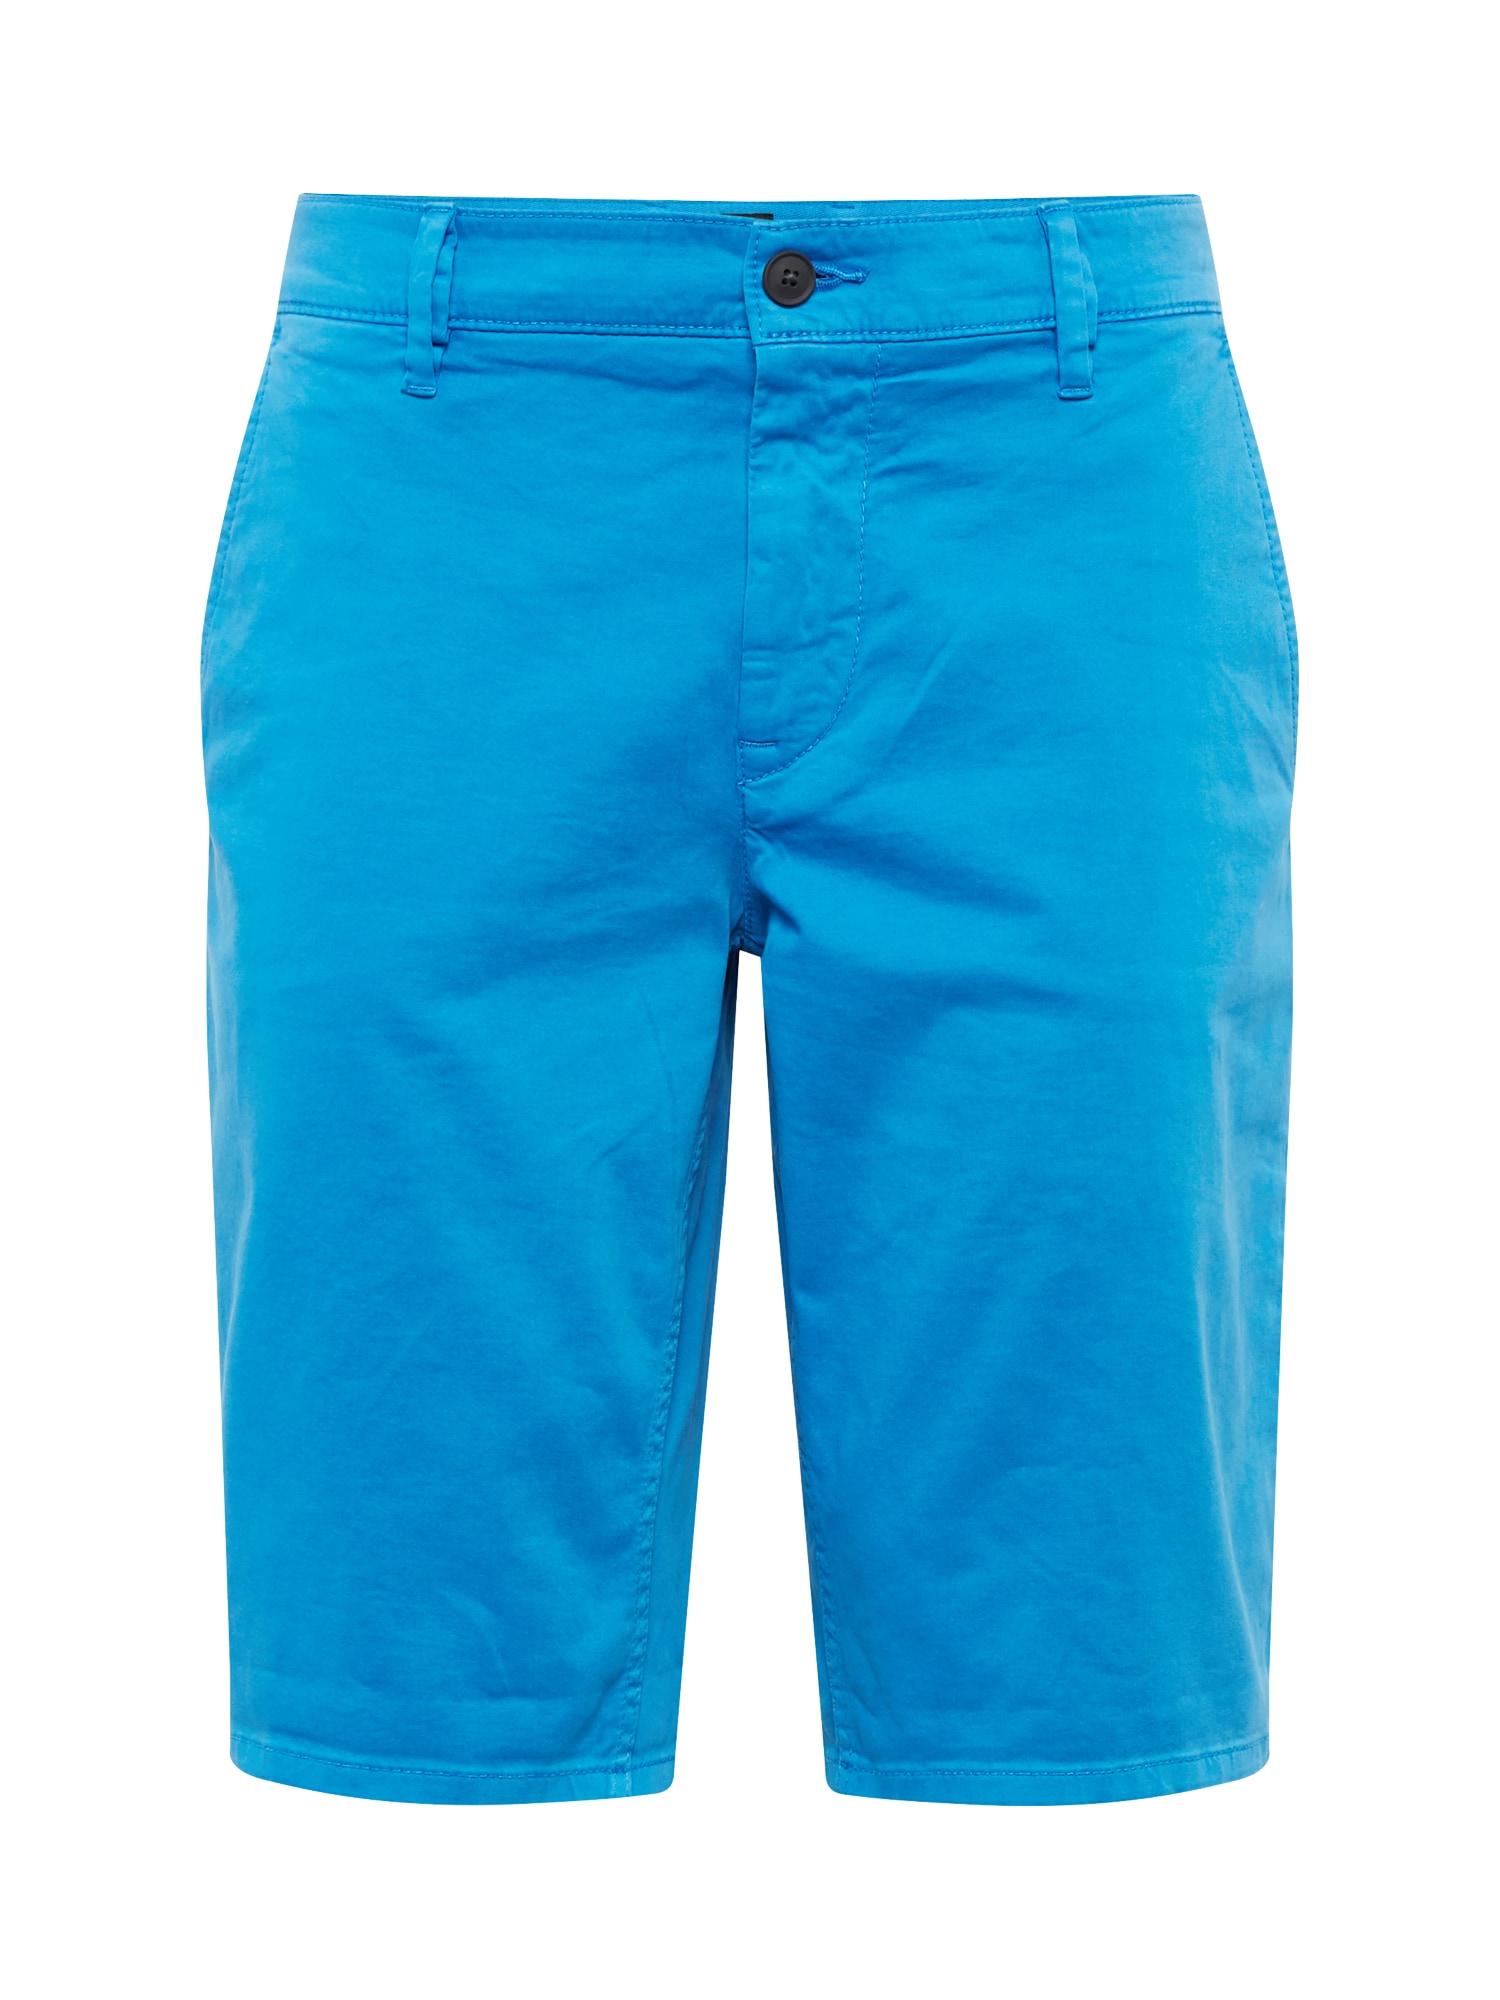 Chino kalhoty Schino-Slim Shorts 10214649 modrá BOSS